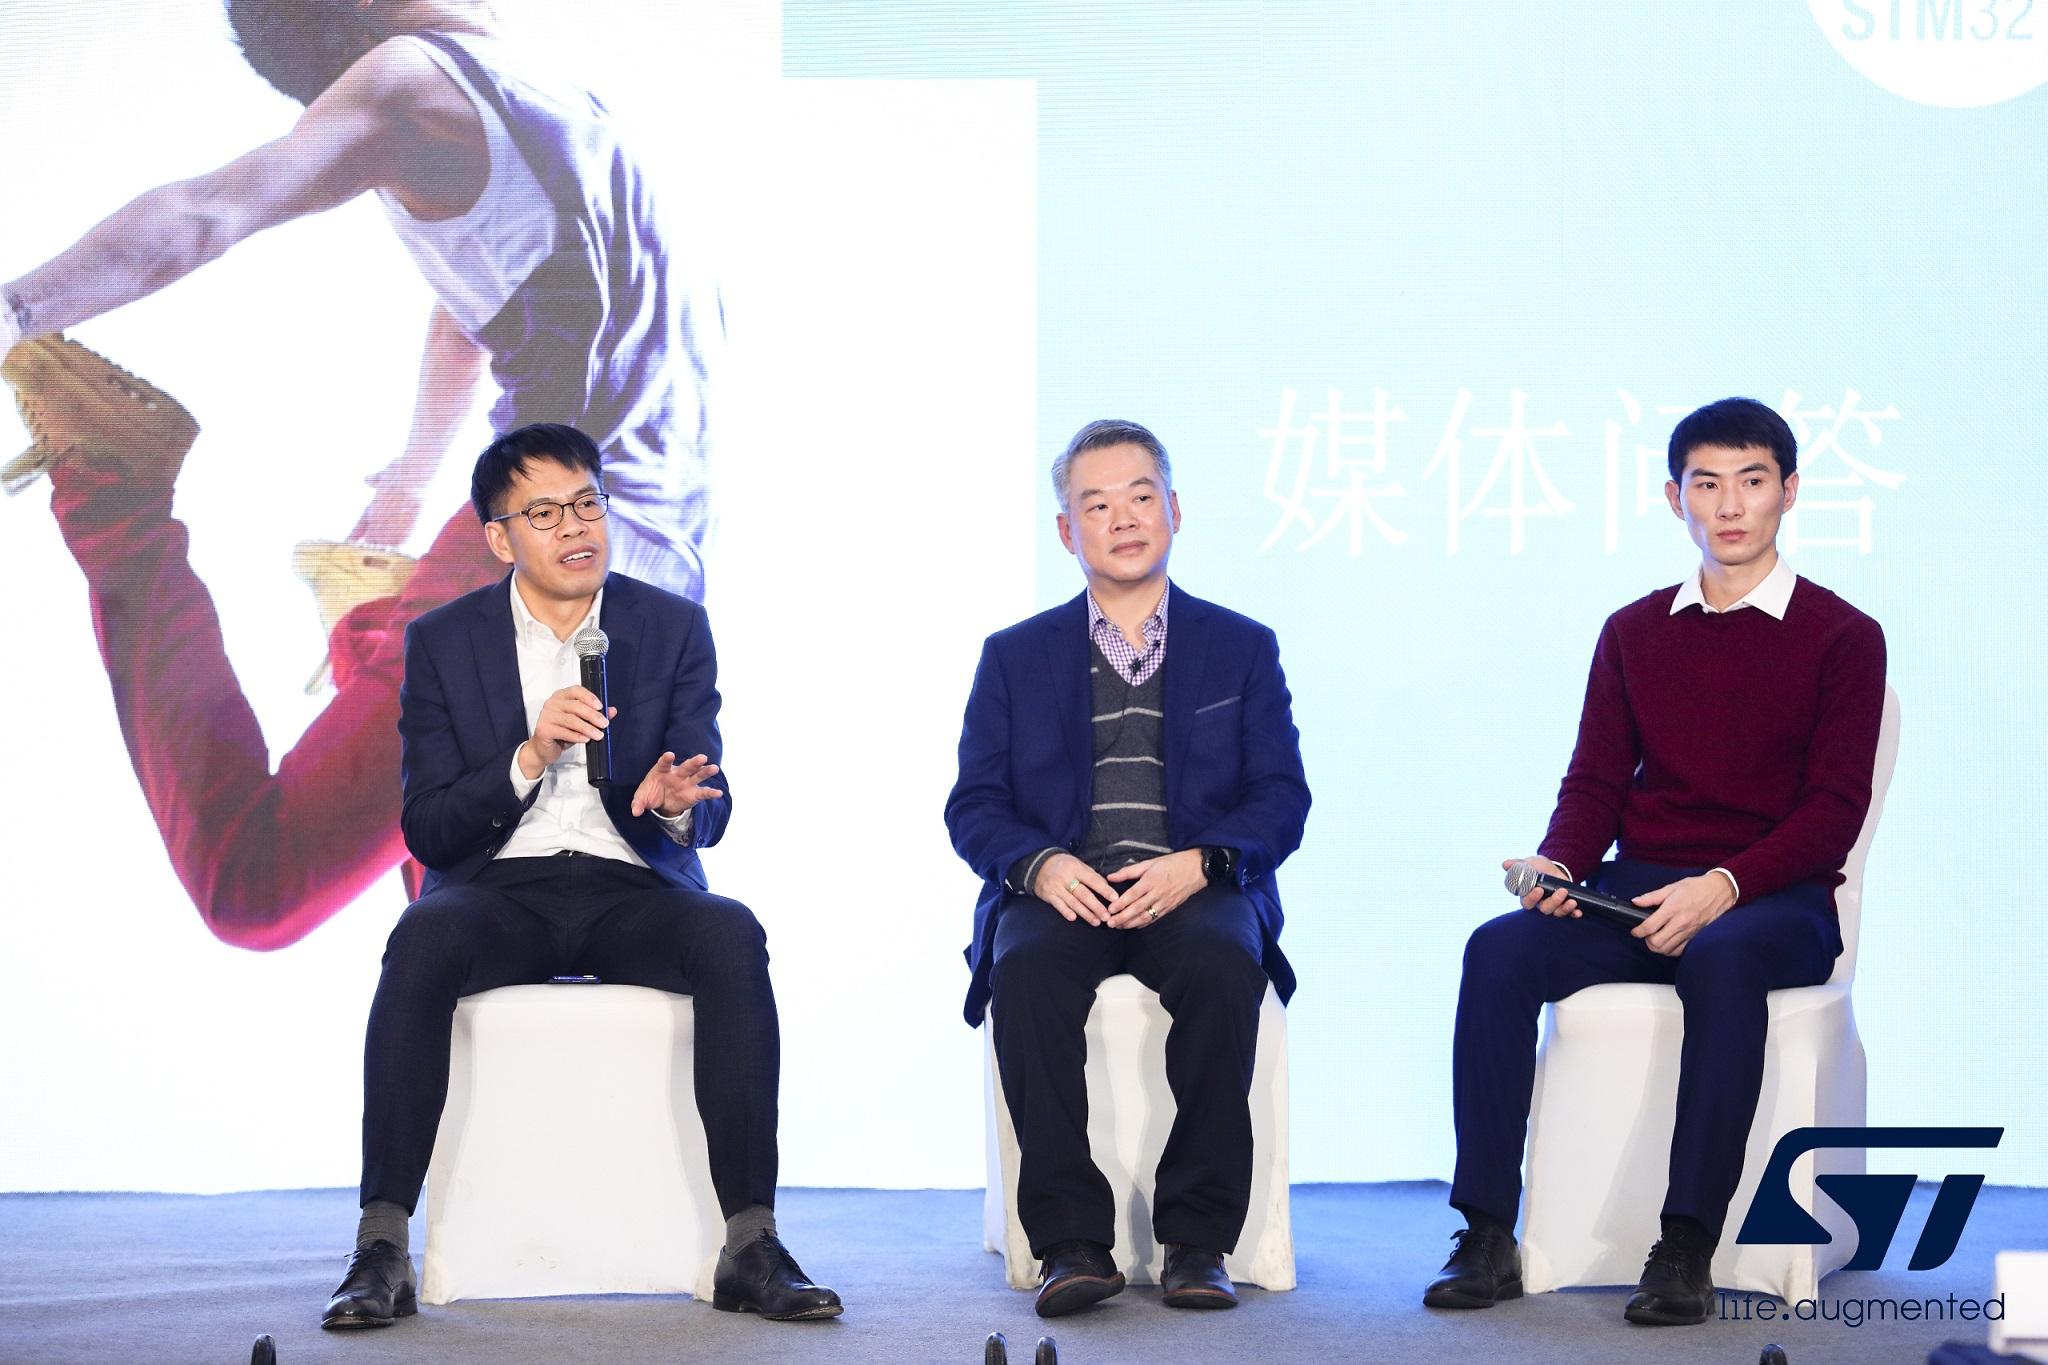 从左到右:曹锦东,陈德勇,徐向东.jpg